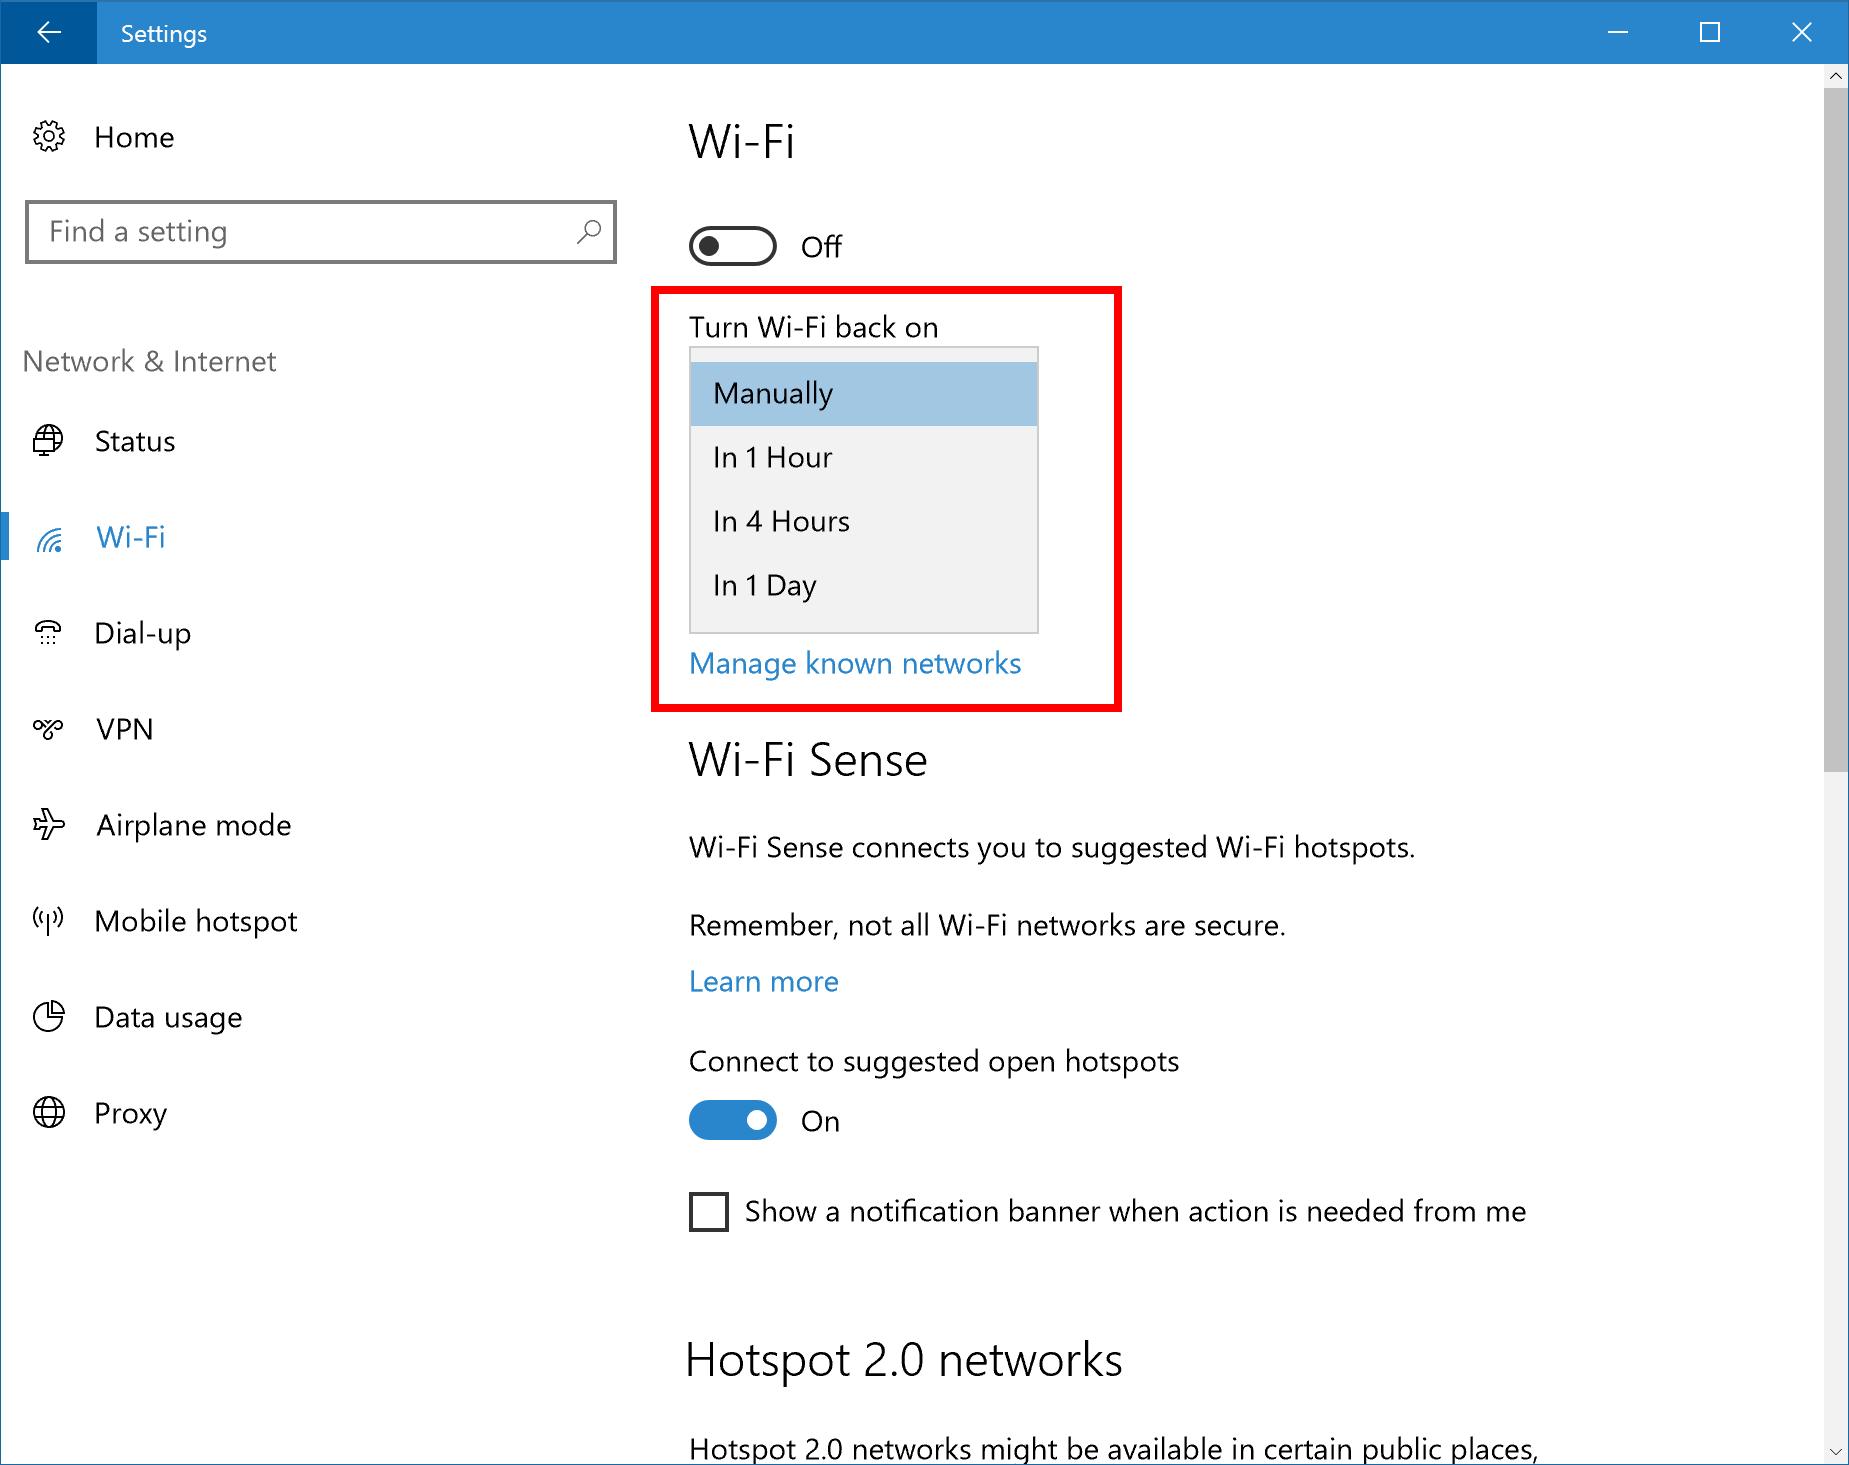 win10_wi-fi-turn-back-on